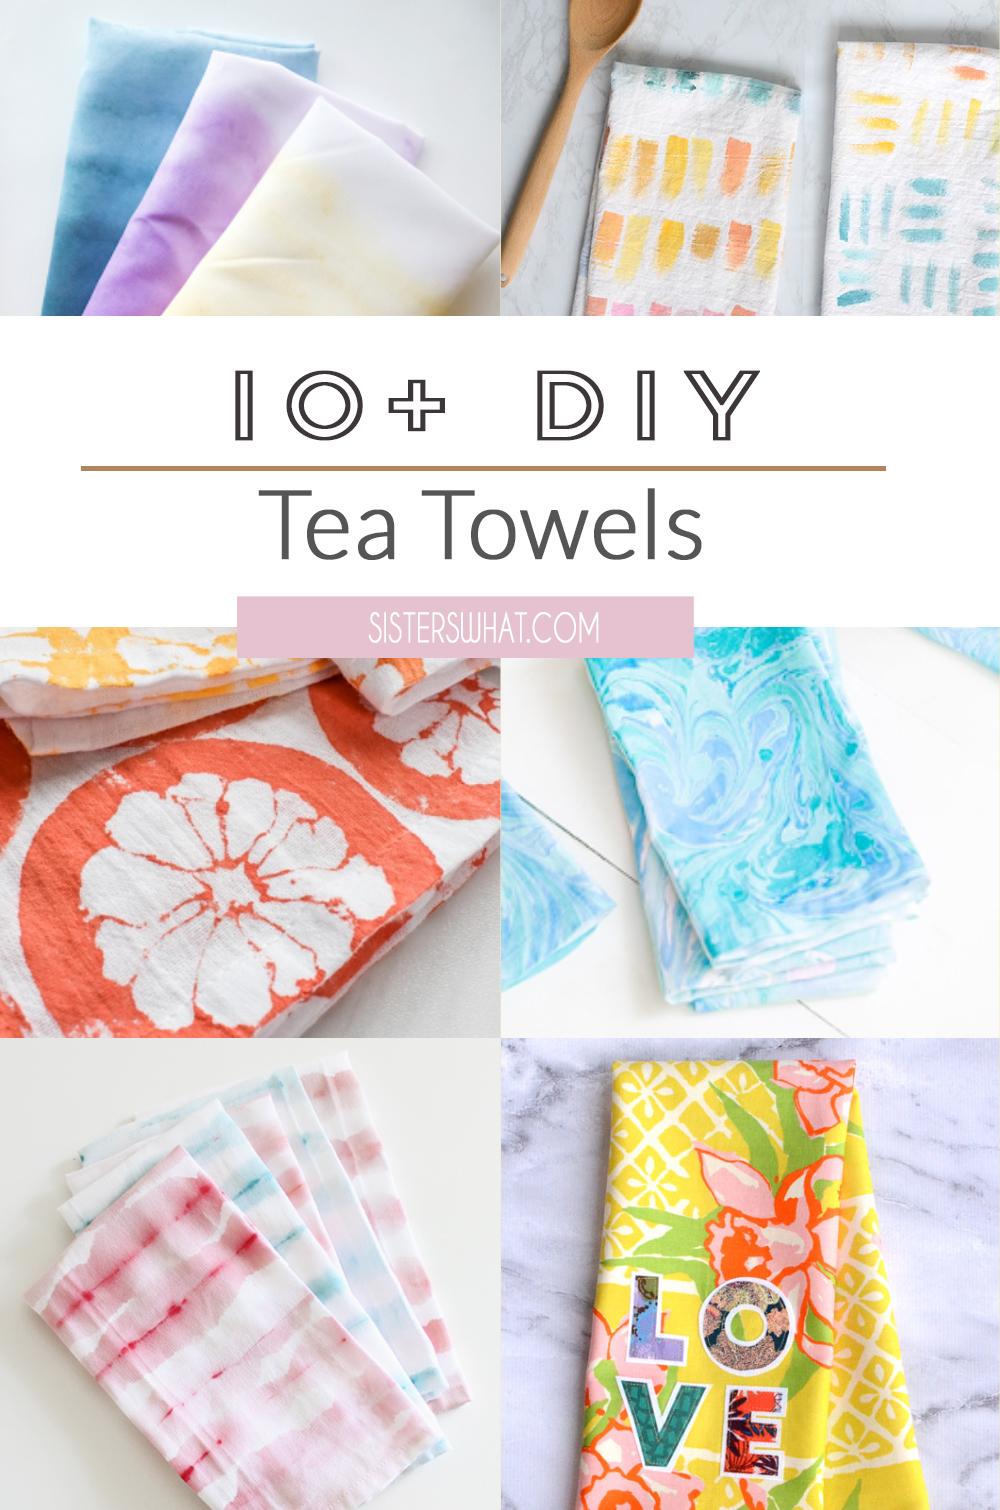 custom tea towel flour sacks tutorials